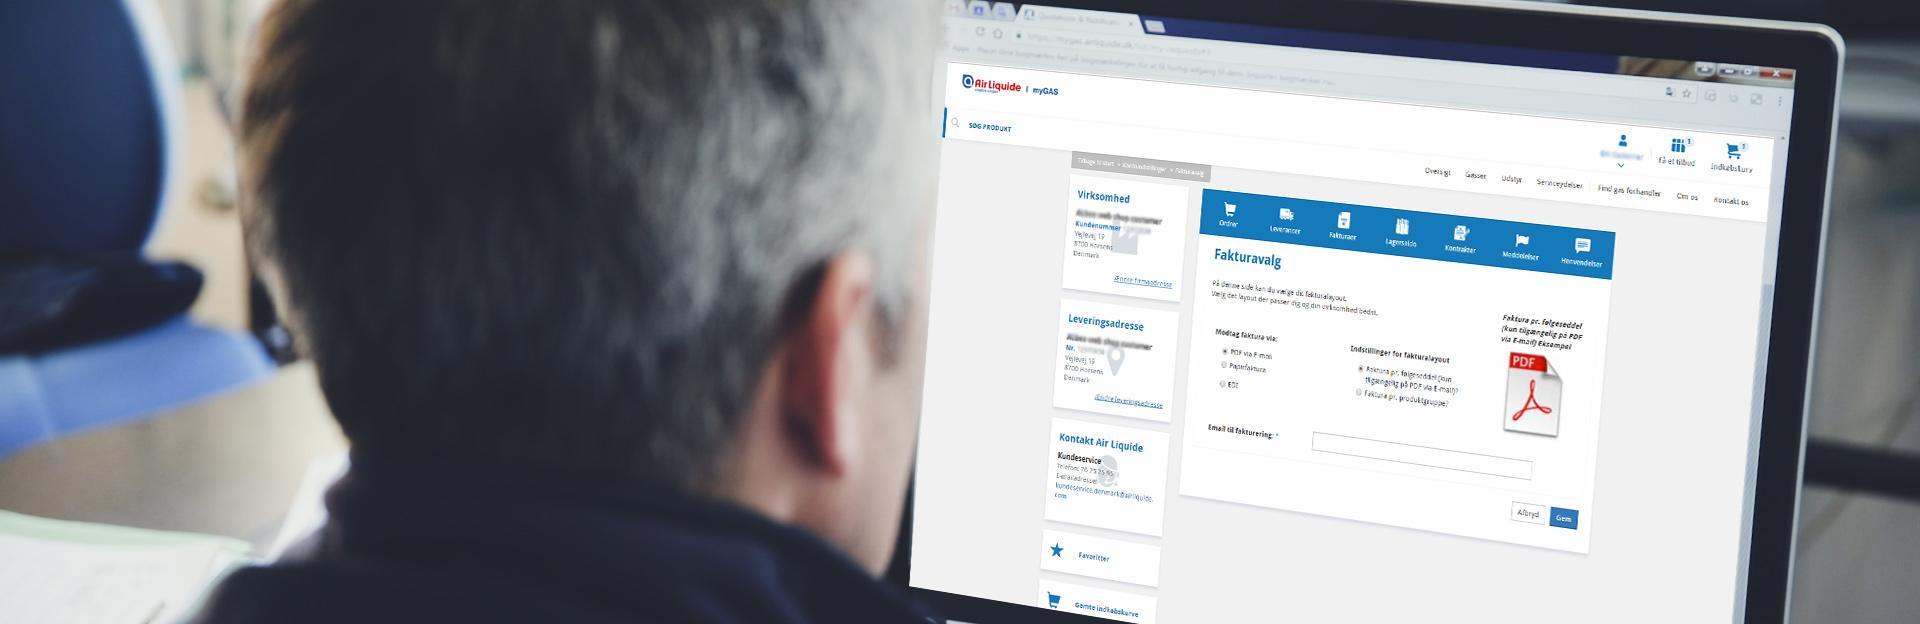 E-postfakturering | myGAS | Air Liquide